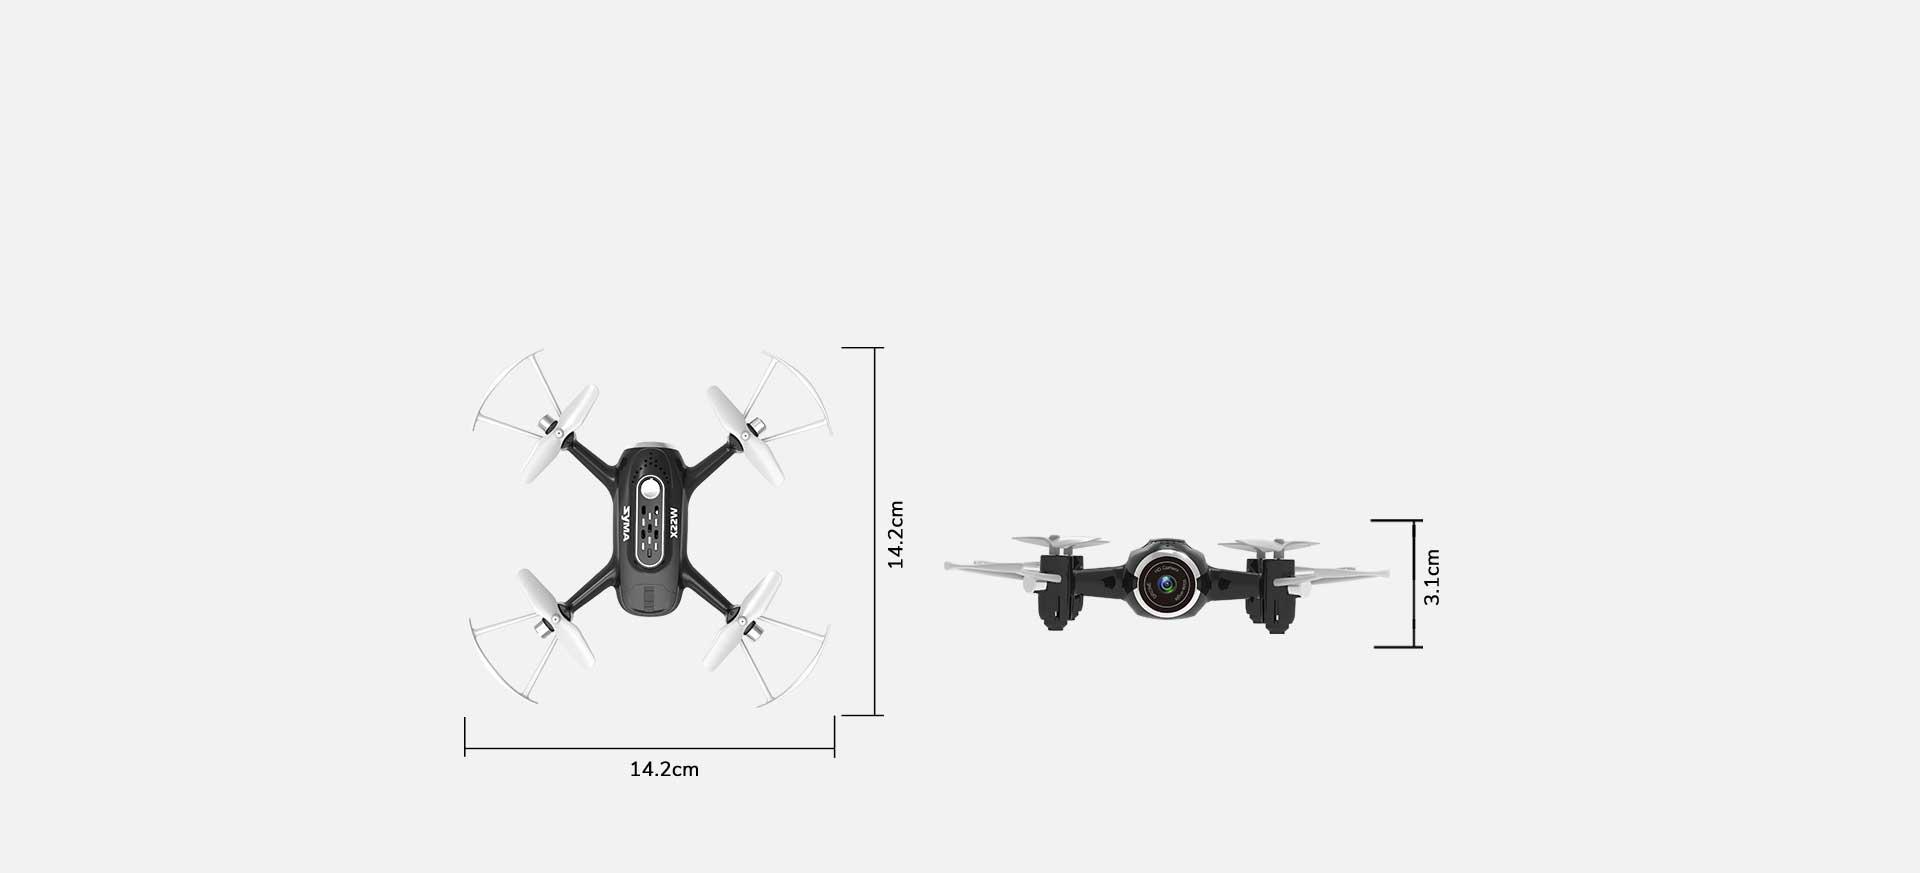 Syma X22w Fpv Drone Hobby Shop Sydney